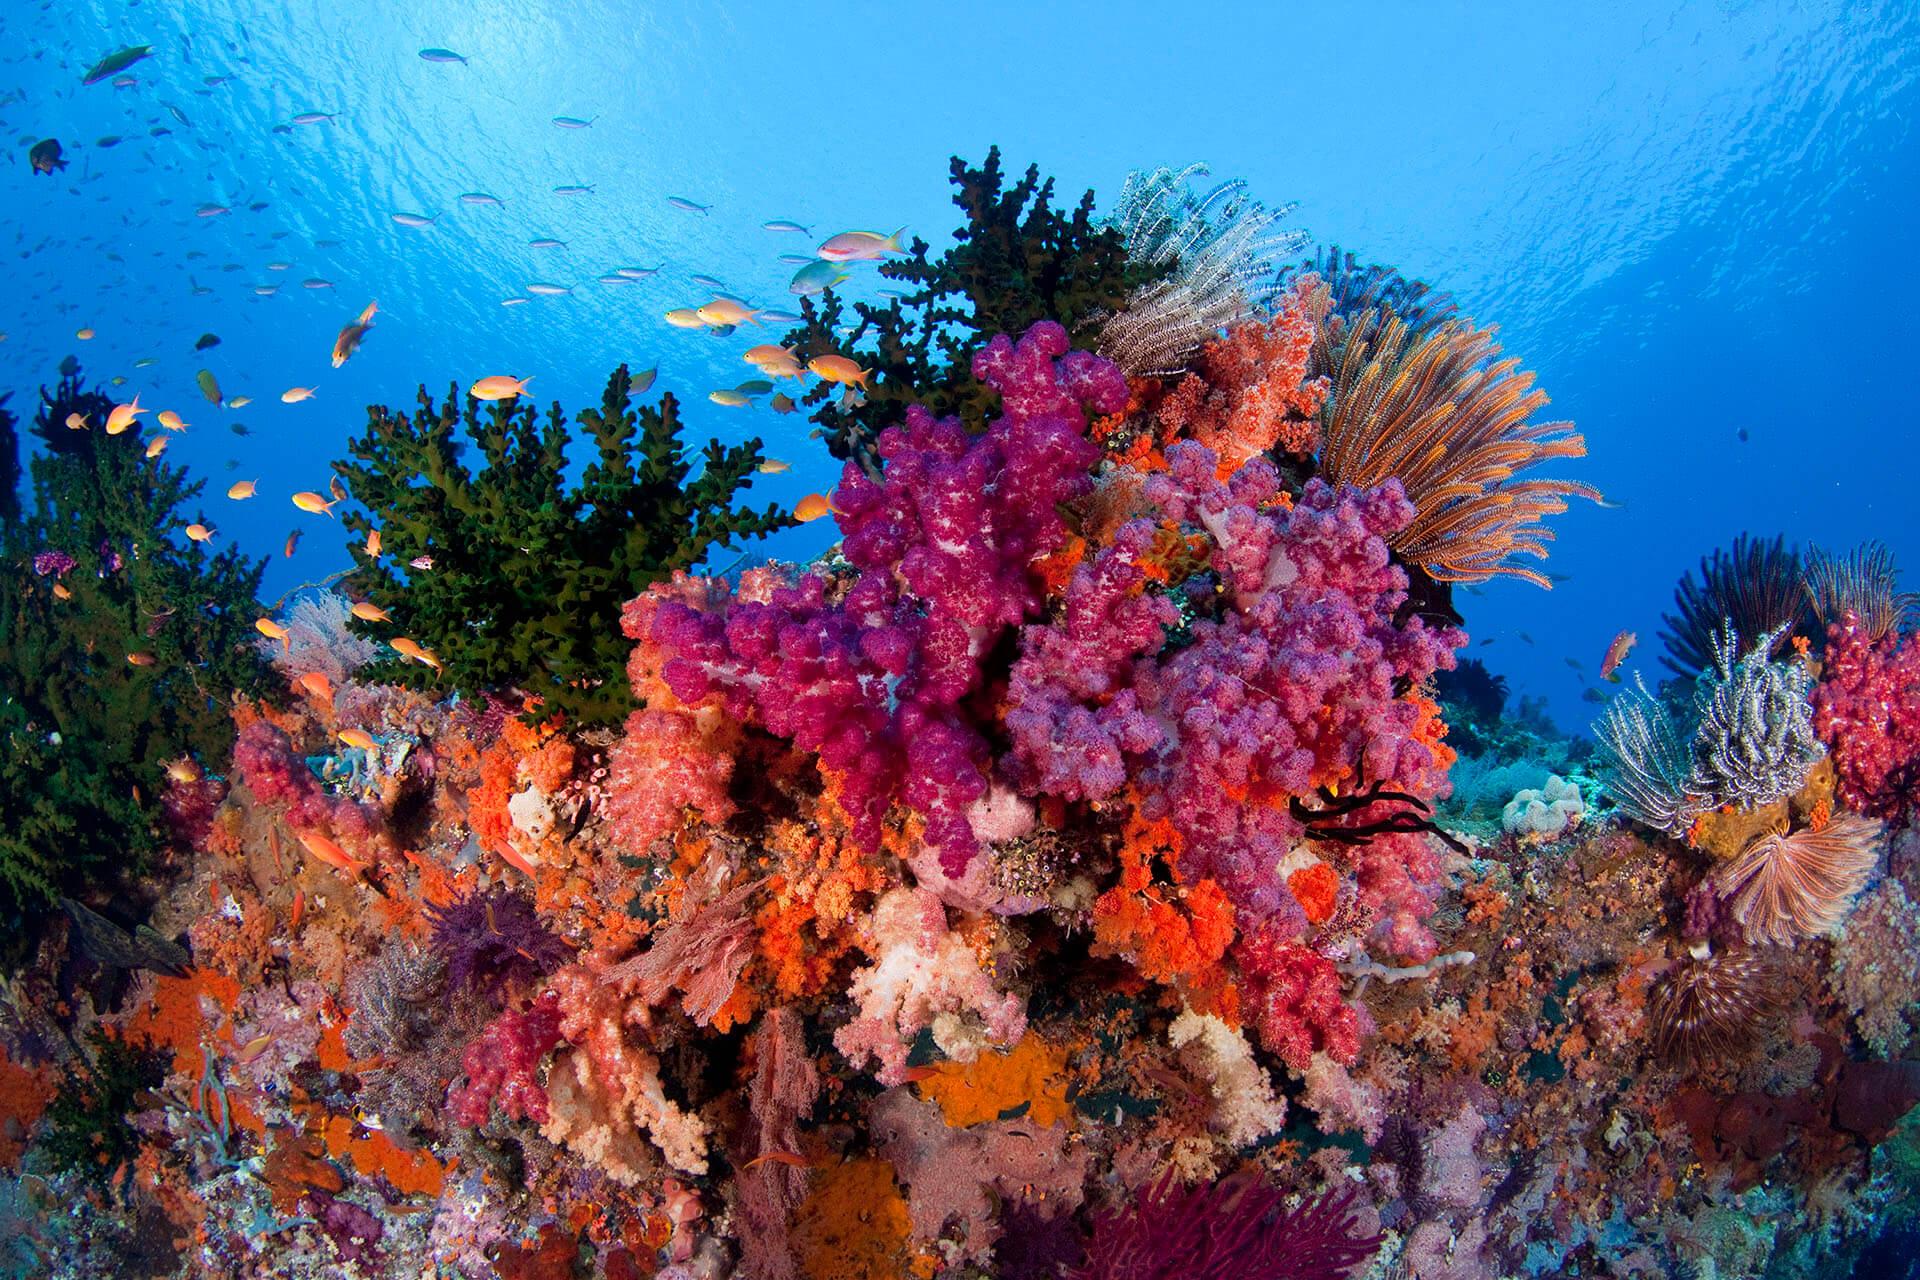 Terumbu karang, ikan kecil dan besar yang indah, penyu, hingga barakuda bisa ditemukan di bawah laut Raja Ampat